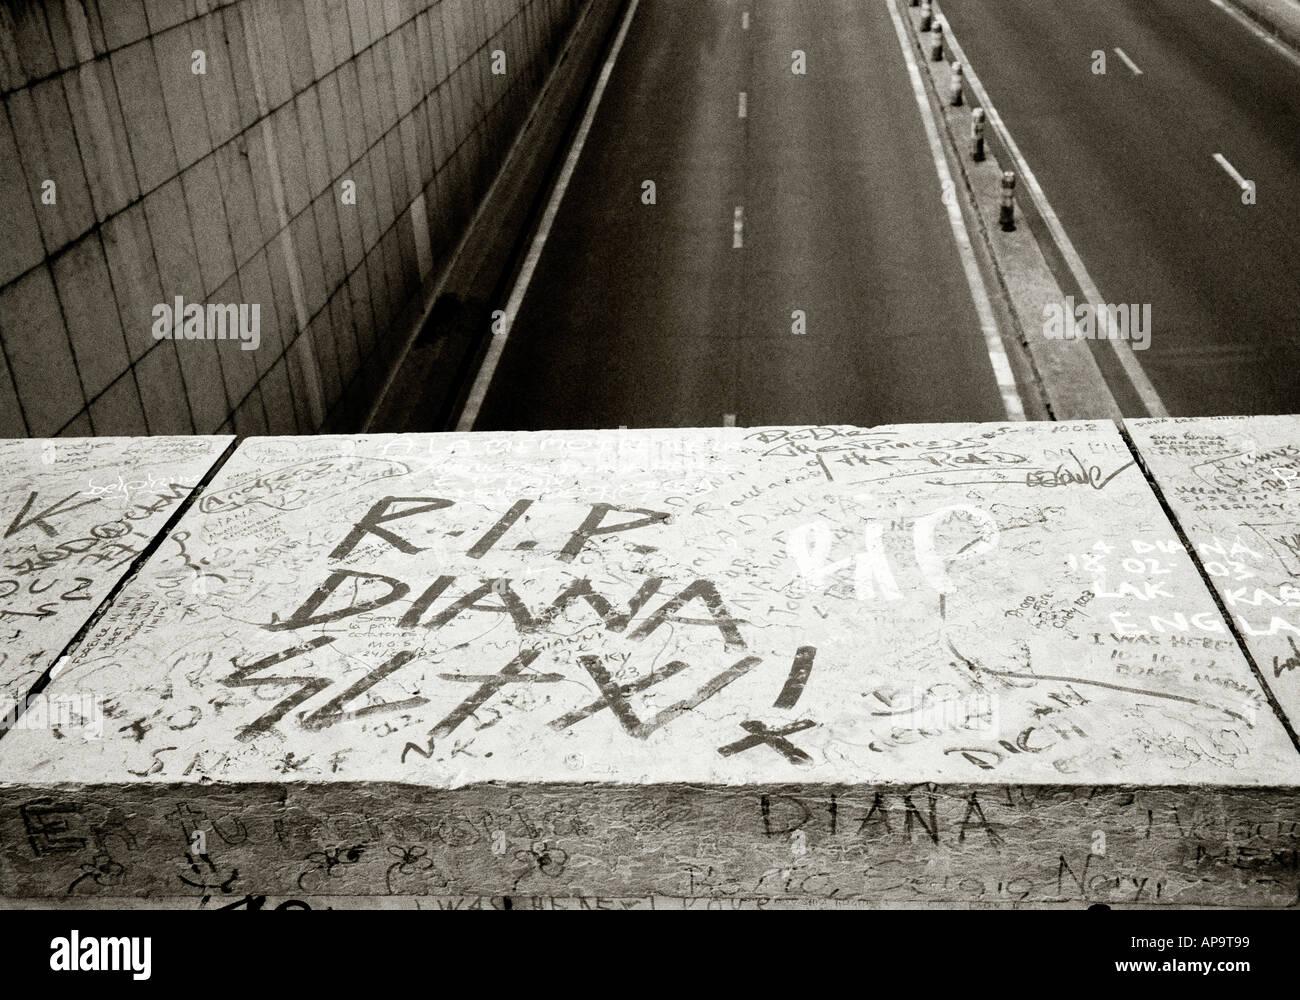 La mort de la princesse Diana Memorial au Pont del Alma passage sous le pont et la ville de Paris en France en Europe Banque D'Images